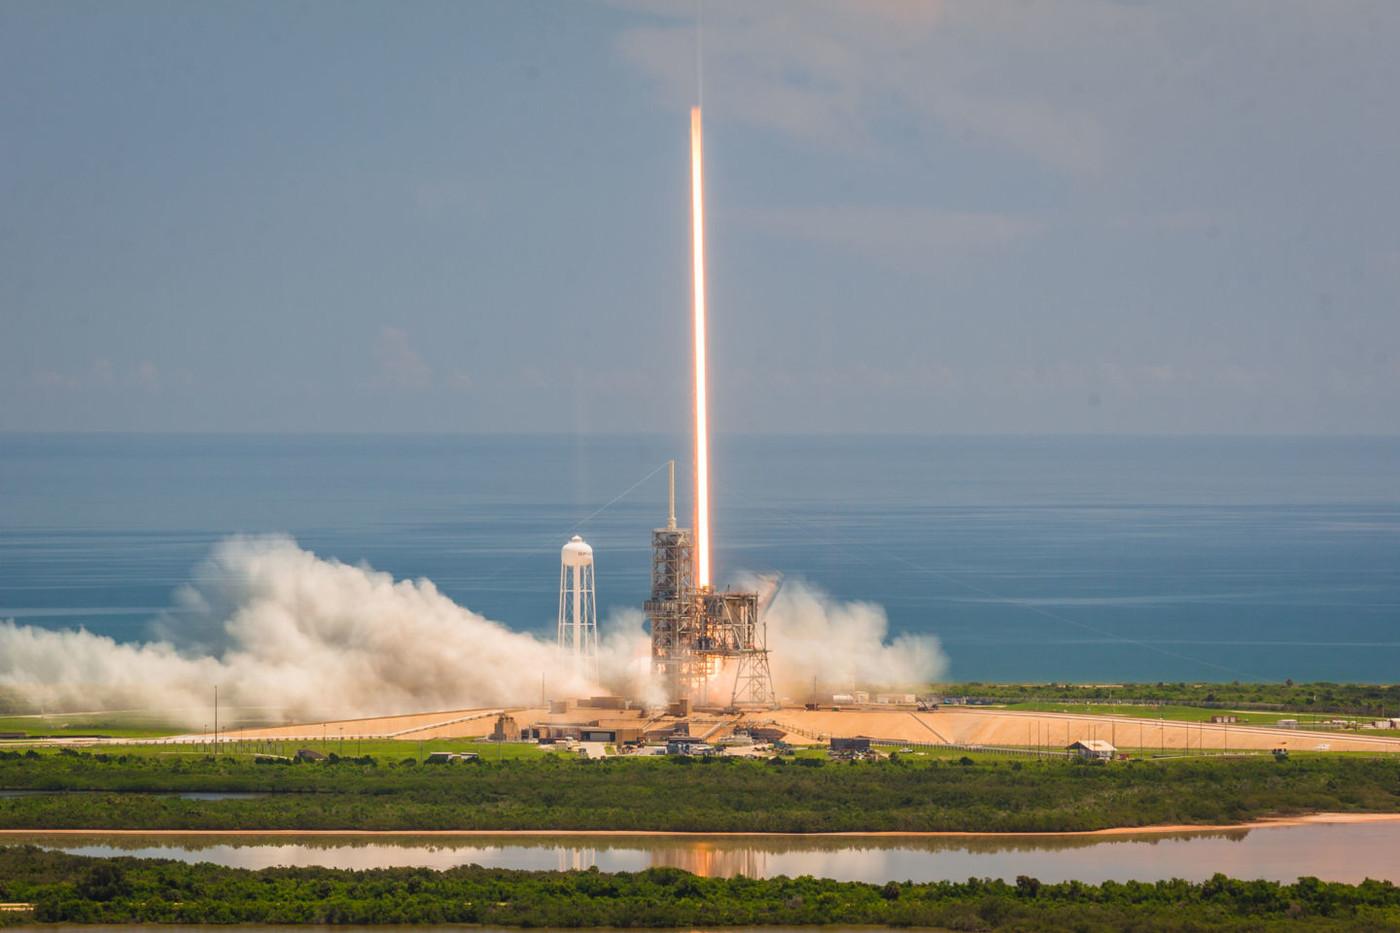 Появились фотографии с запуска Falcon 9. На МКС доставят мороженое и мышей